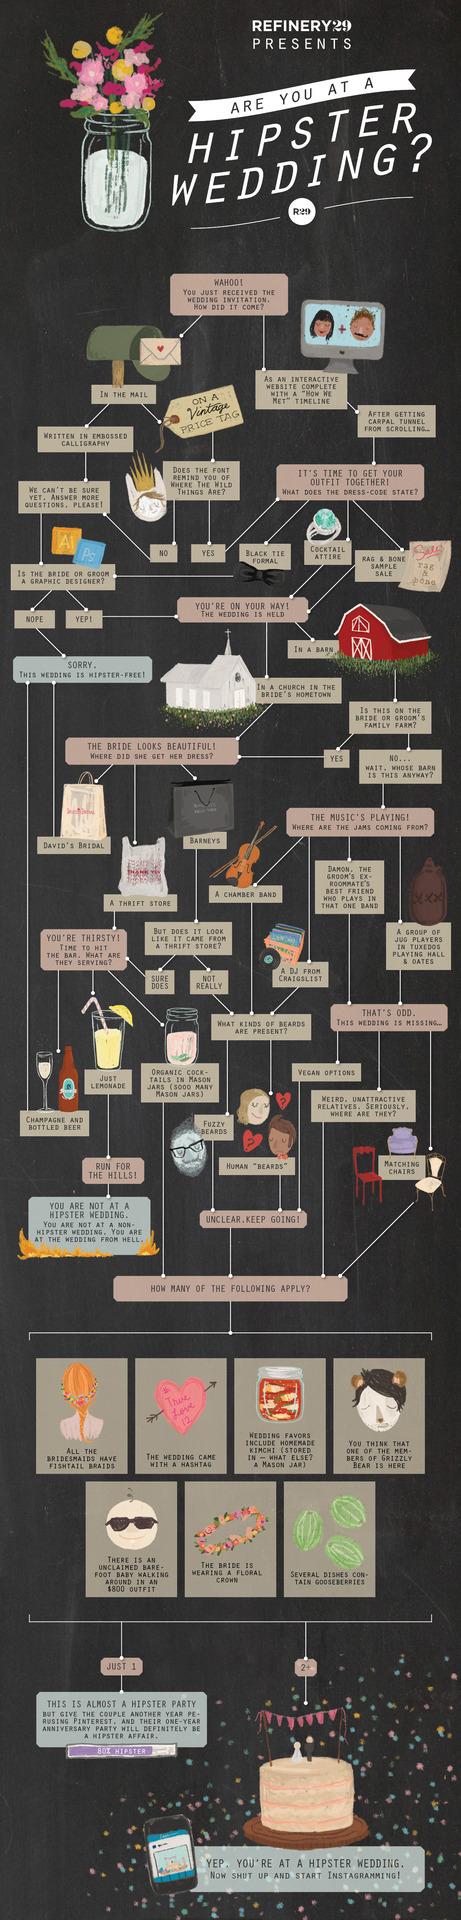 Infografía para saber si estás en una boda de una pareja hipster